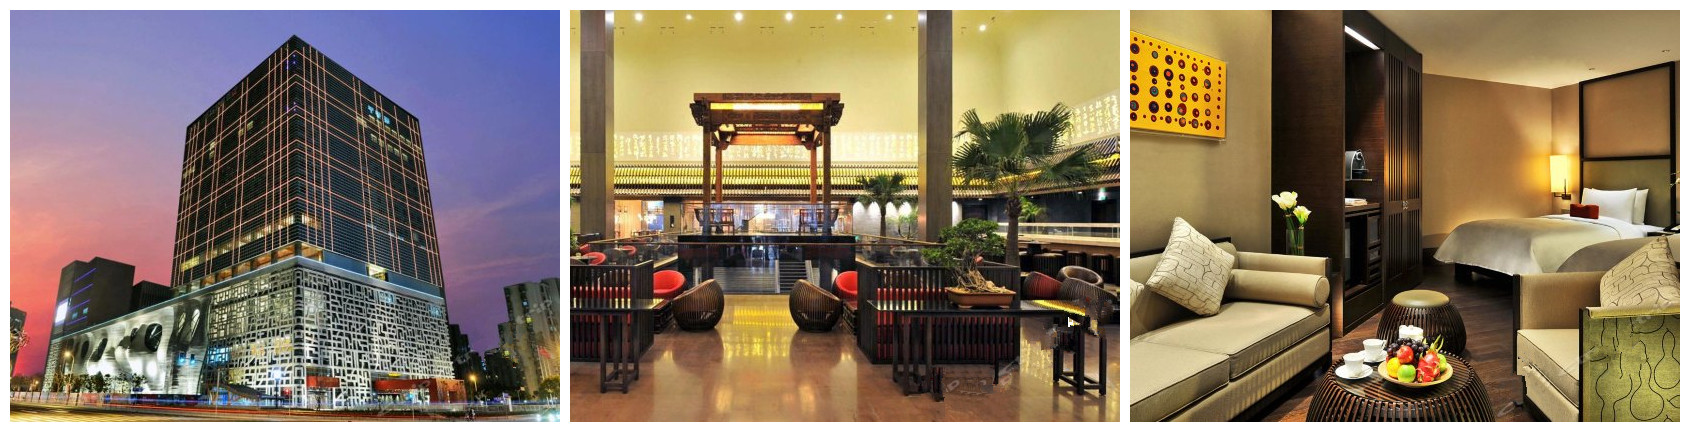 上海卓美亚喜马拉雅大酒店